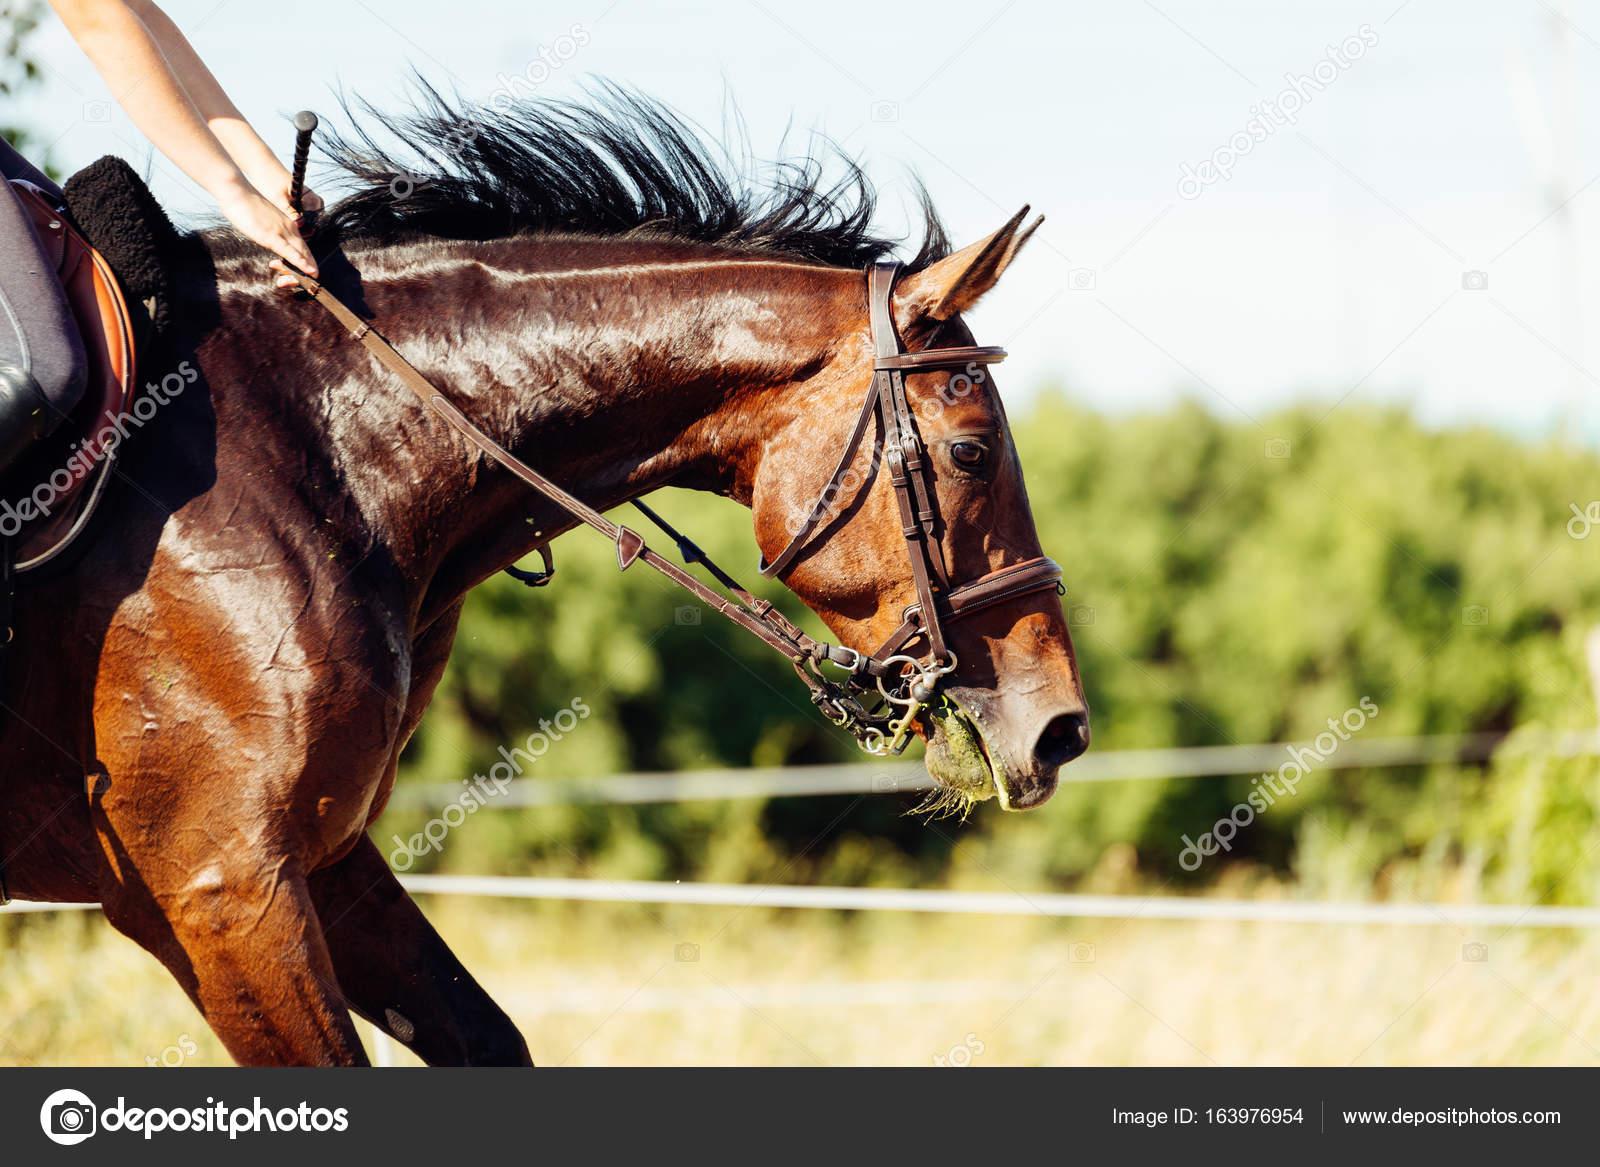 Obraz Konia Jazda Konna Skoki Przez Przeszkody Zdjęcie Stockowe